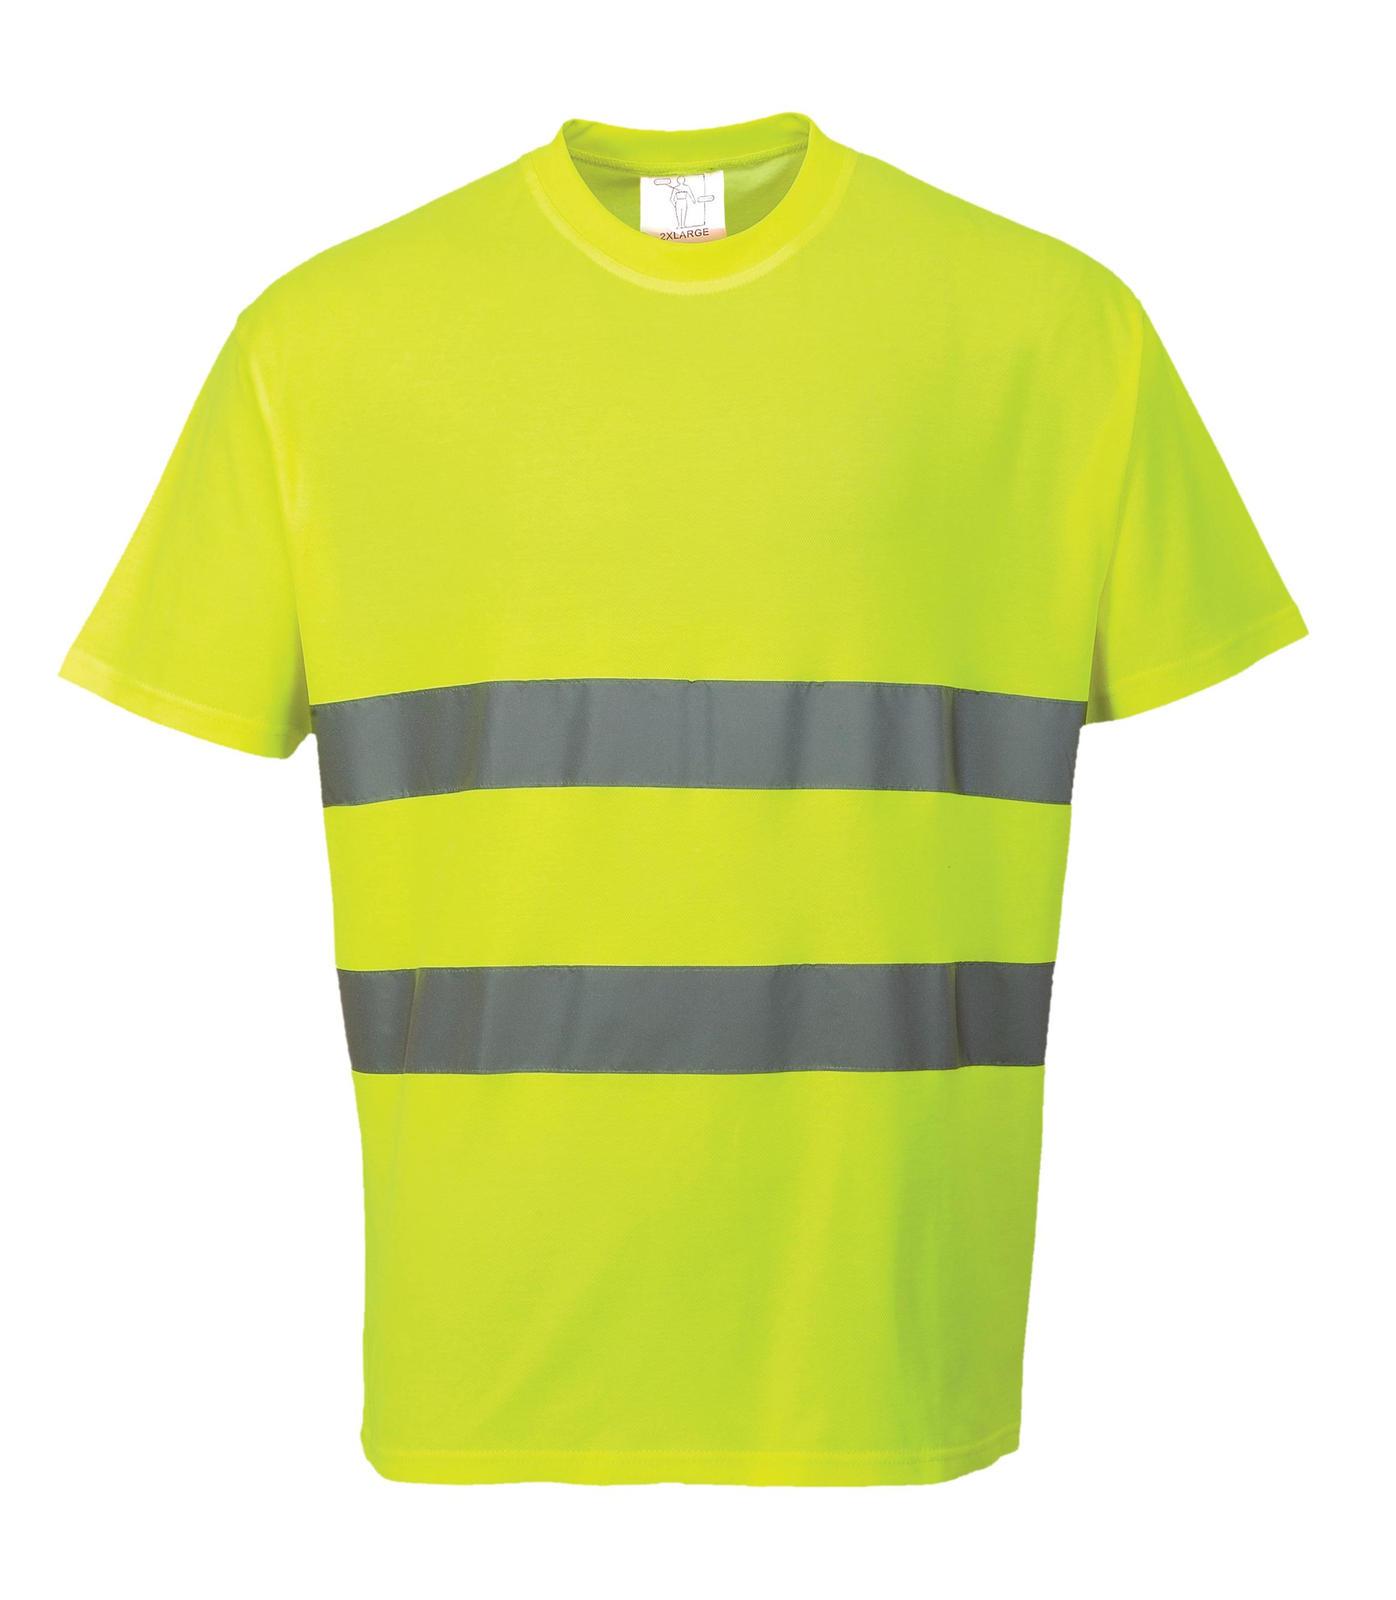 Portwest cotton comfort breathable high visibility t shirt for Hi vis t shirts cotton